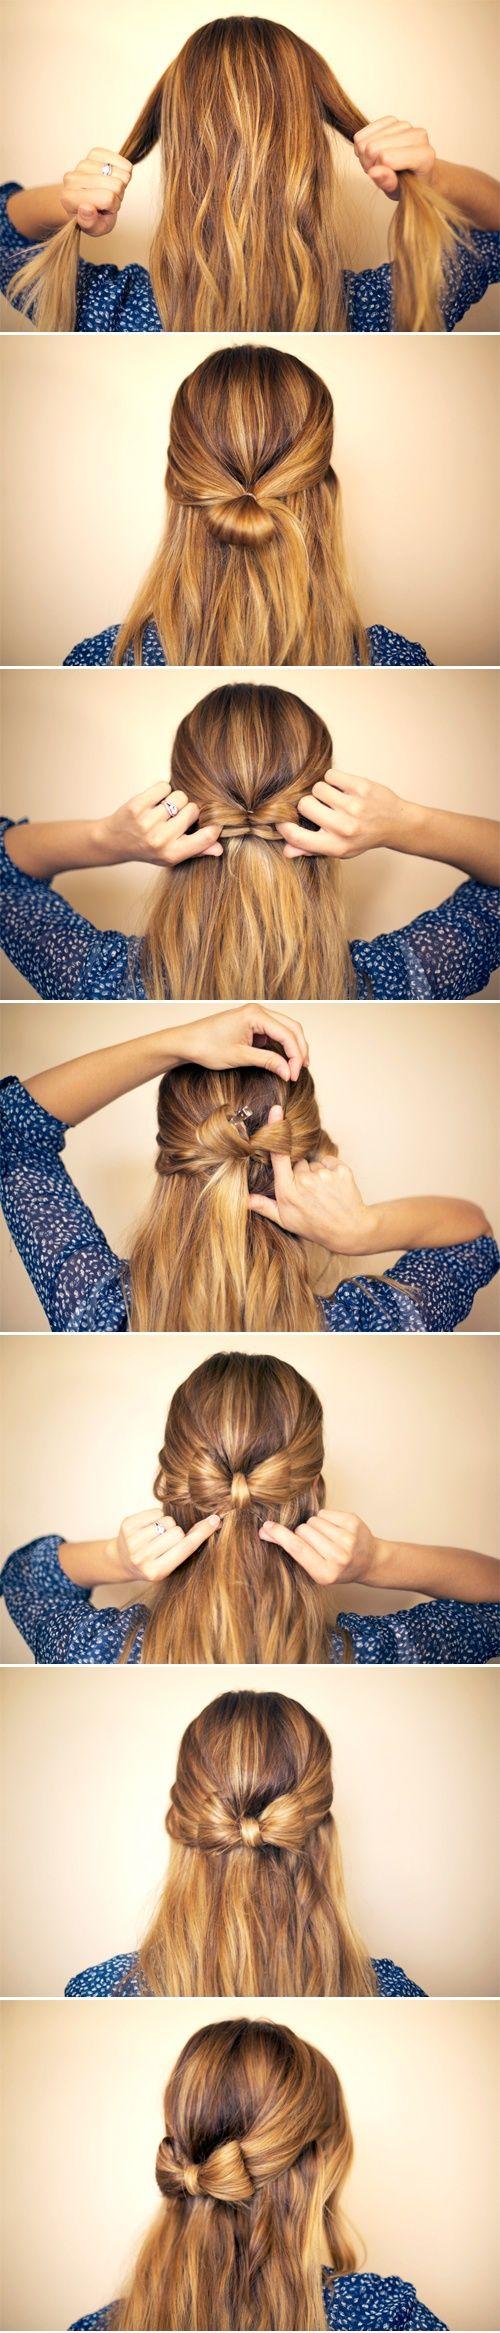 Um laço no cabelo.. com o próprio cabelo! #fofura *-*